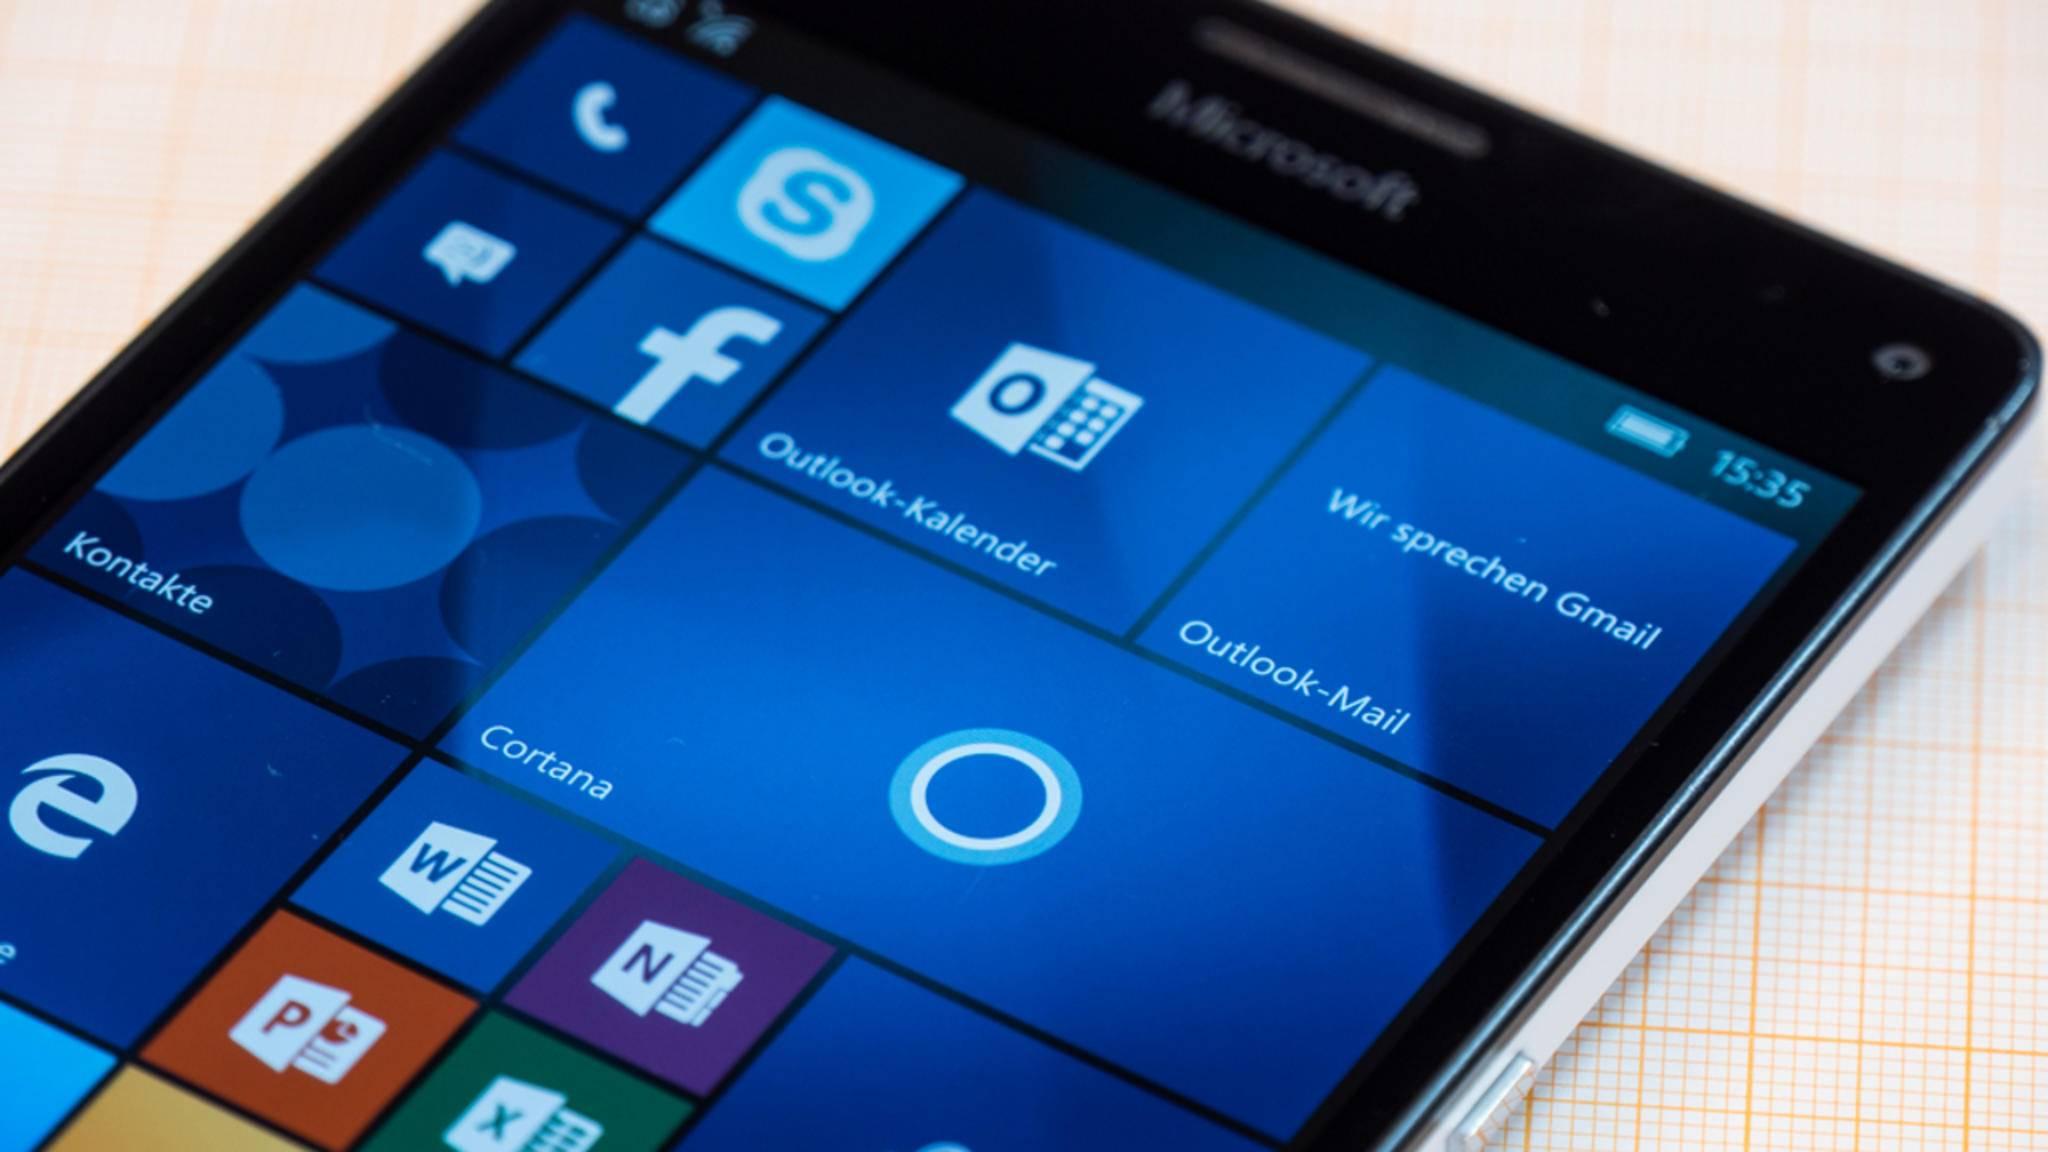 Alle Bemühungen waren bisher vergeblich: Der Marktanteil von Windows 10 Mobile ist weiterhin sehr überschaubar.